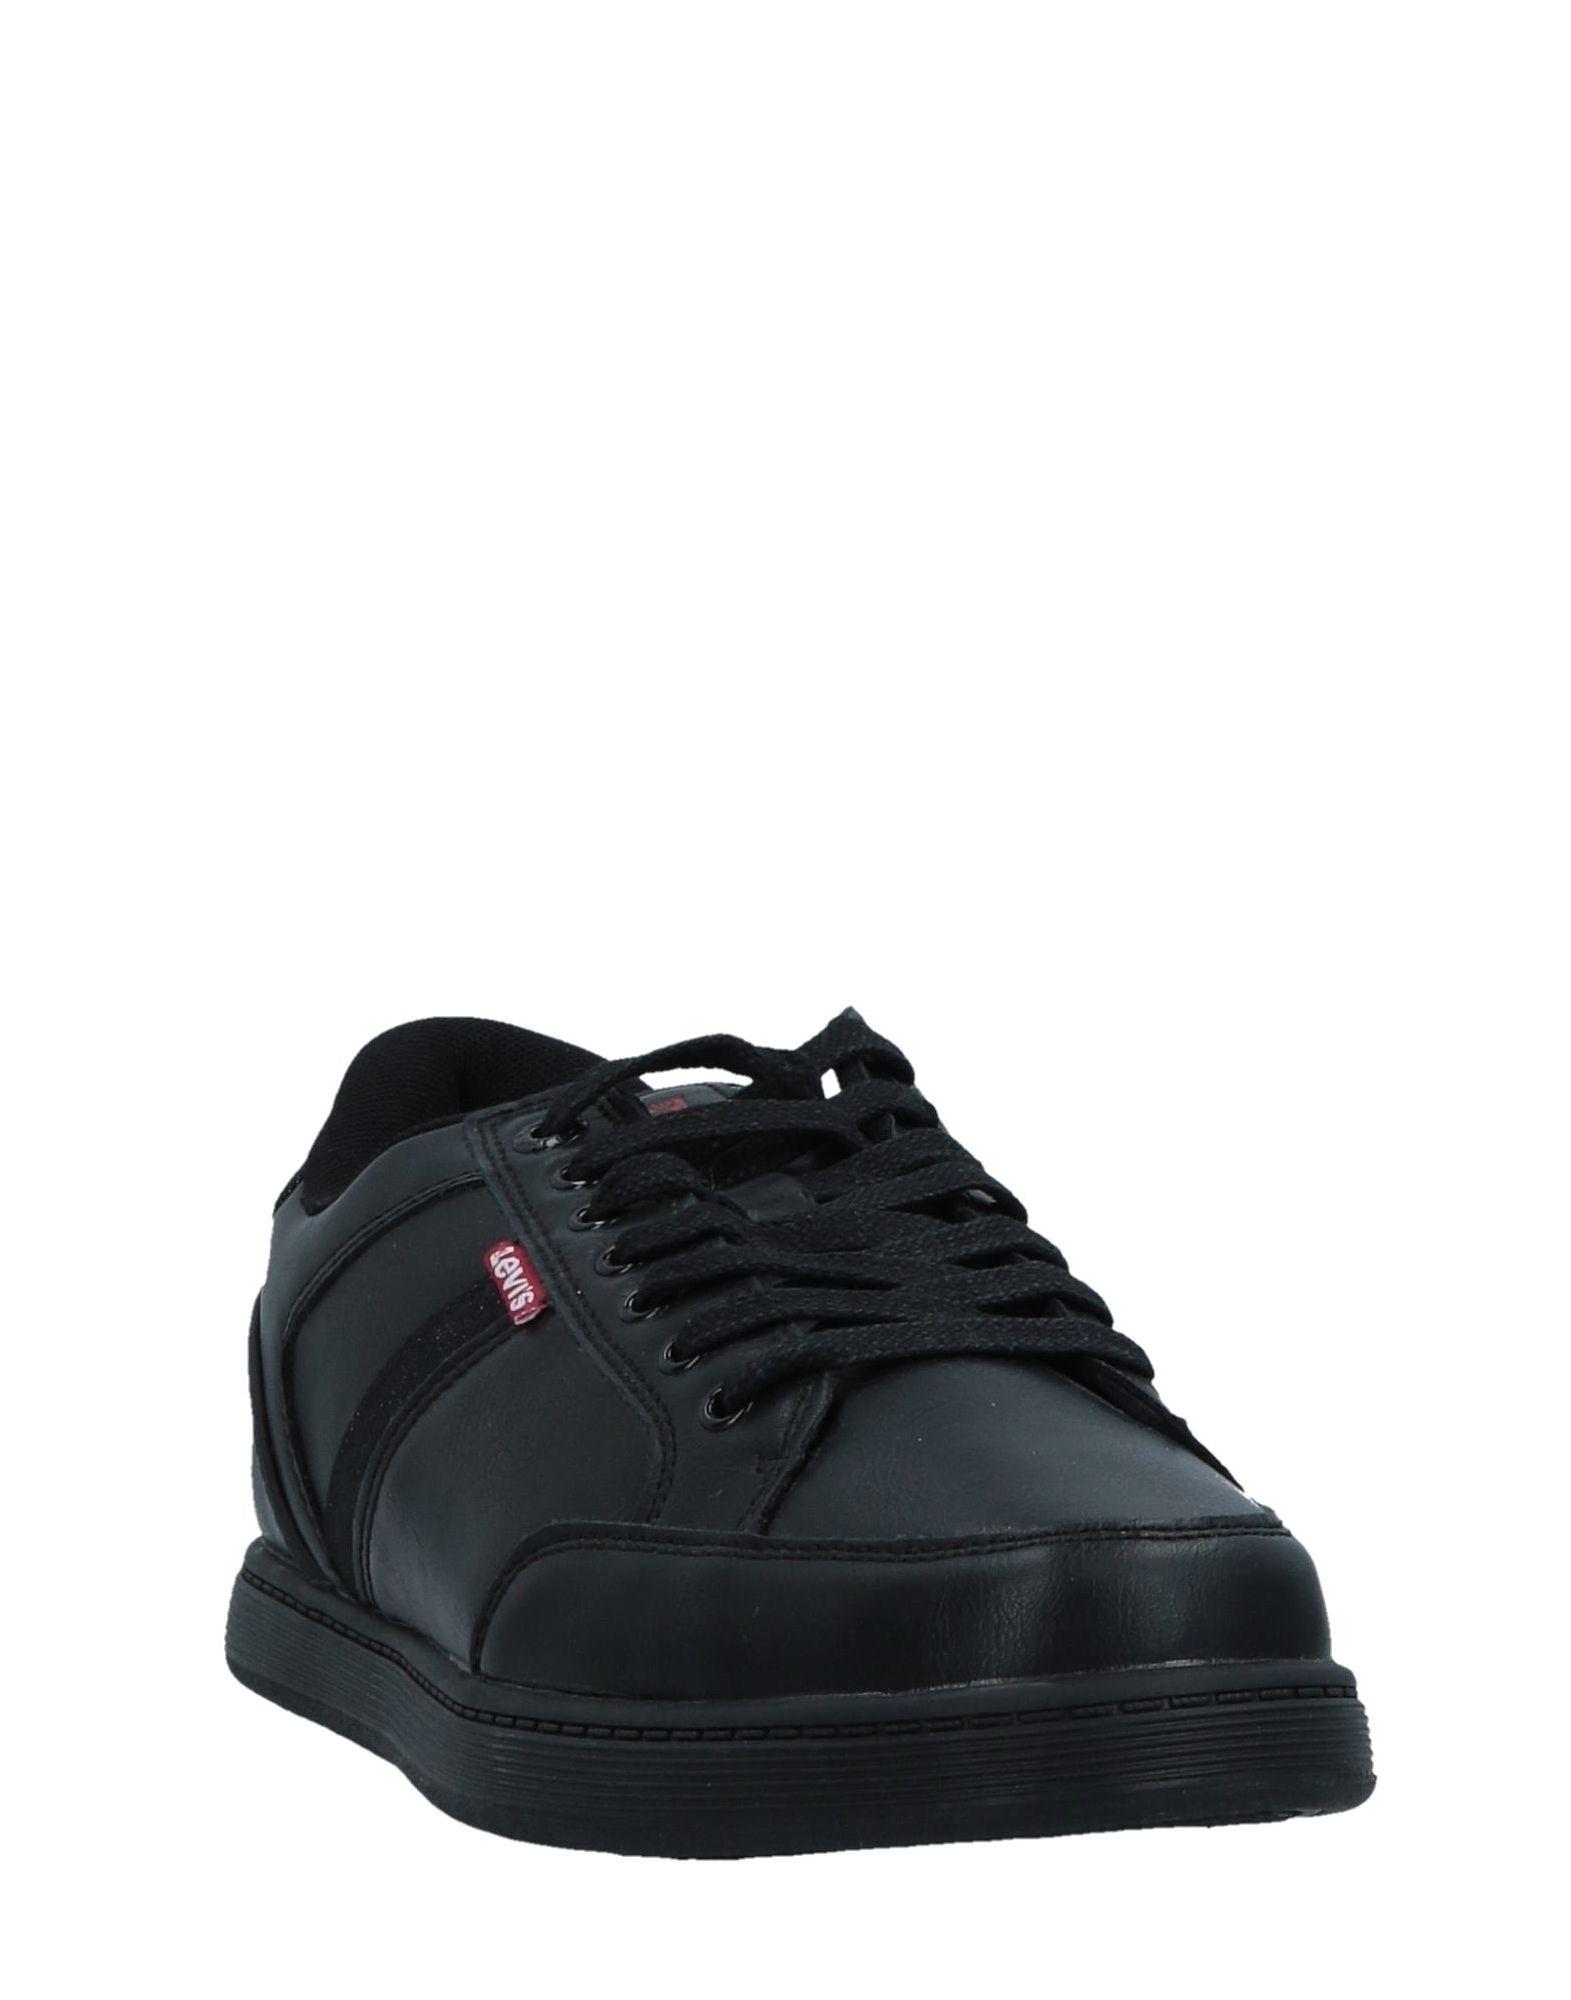 Rabatt echte Schuhe Herren Levi's Red Tab Sneakers Herren Schuhe  11519833RI 72e078